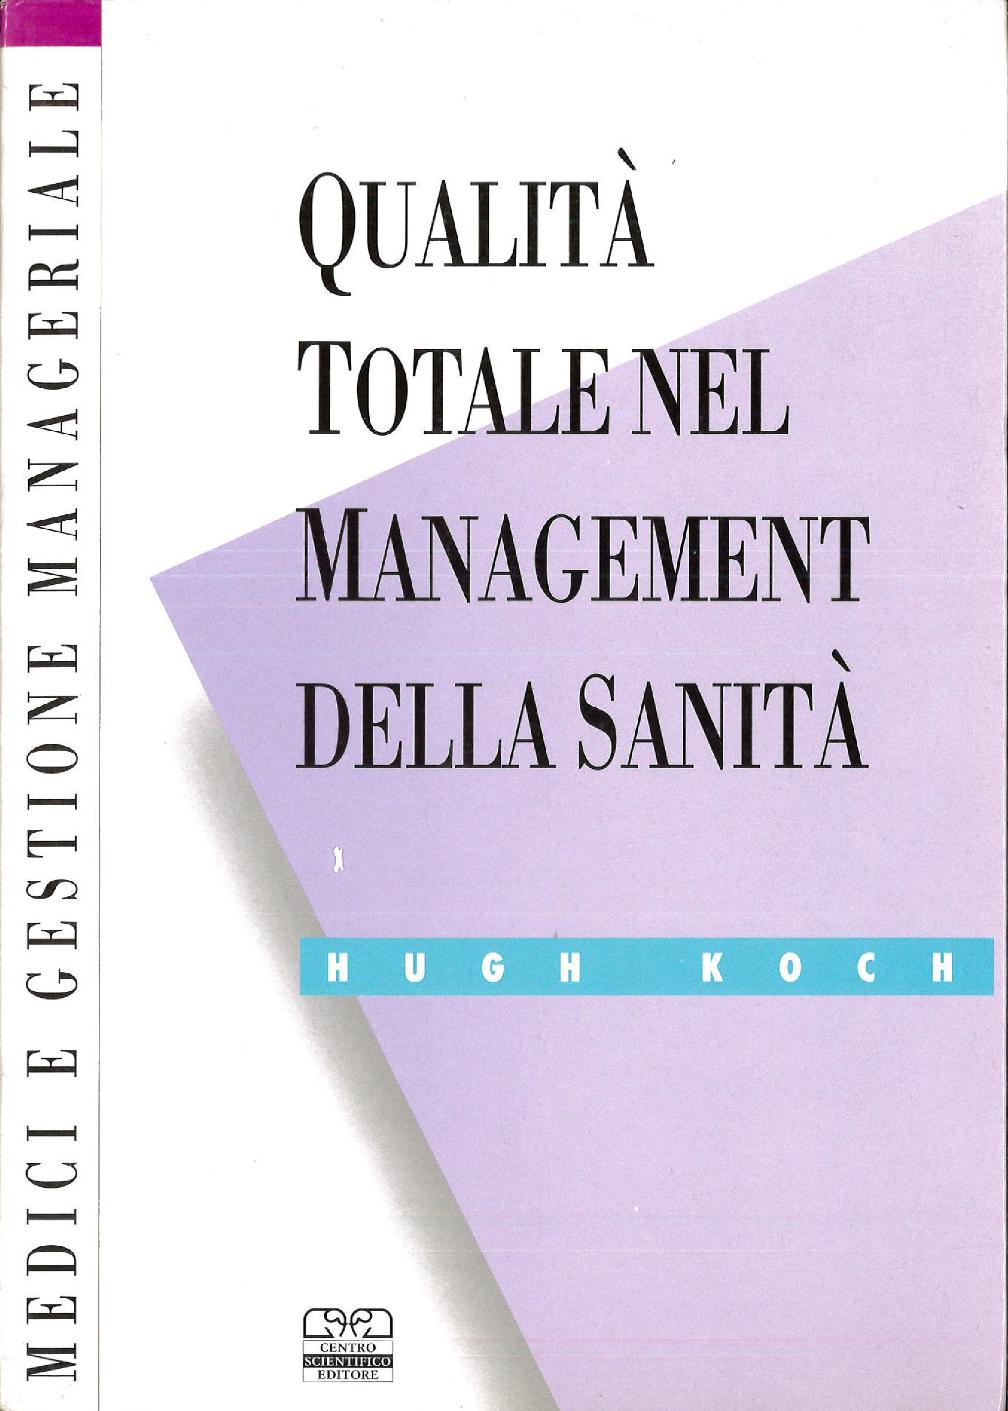 Qualita Totale Nel Management Della Sanita_edited